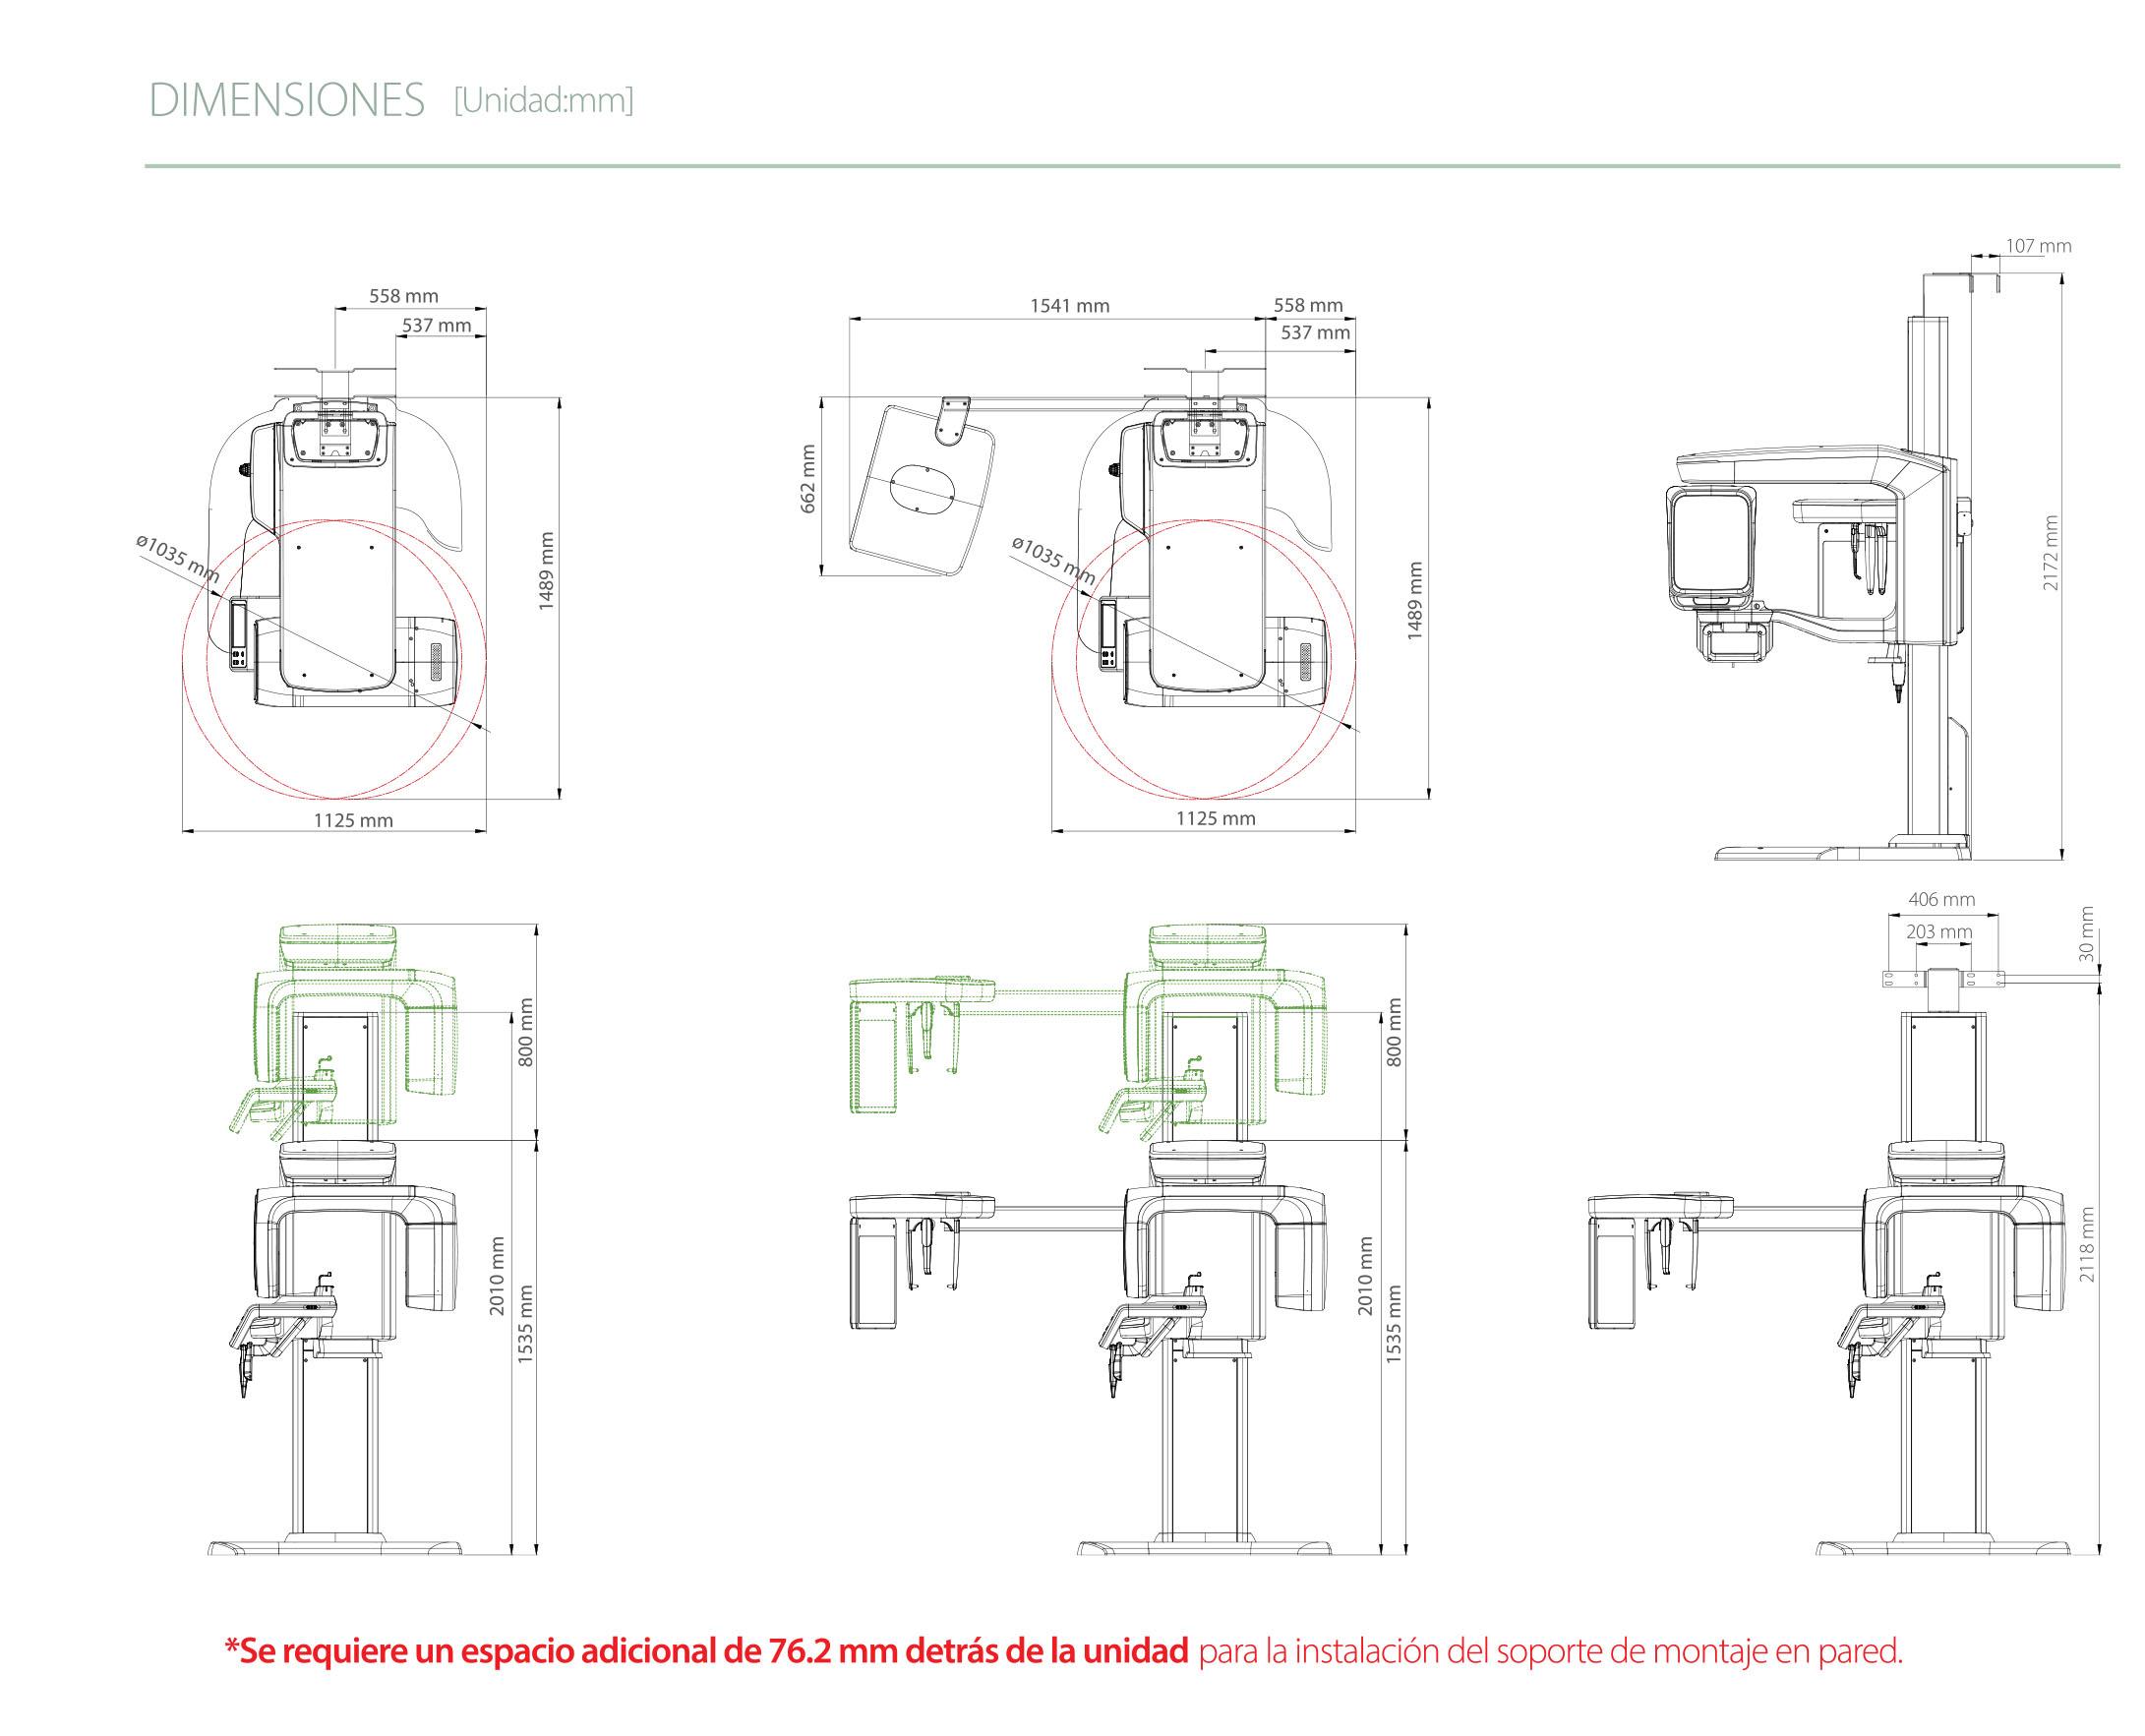 Rayos X dental precio Green 16/18 de vatech dimensiones